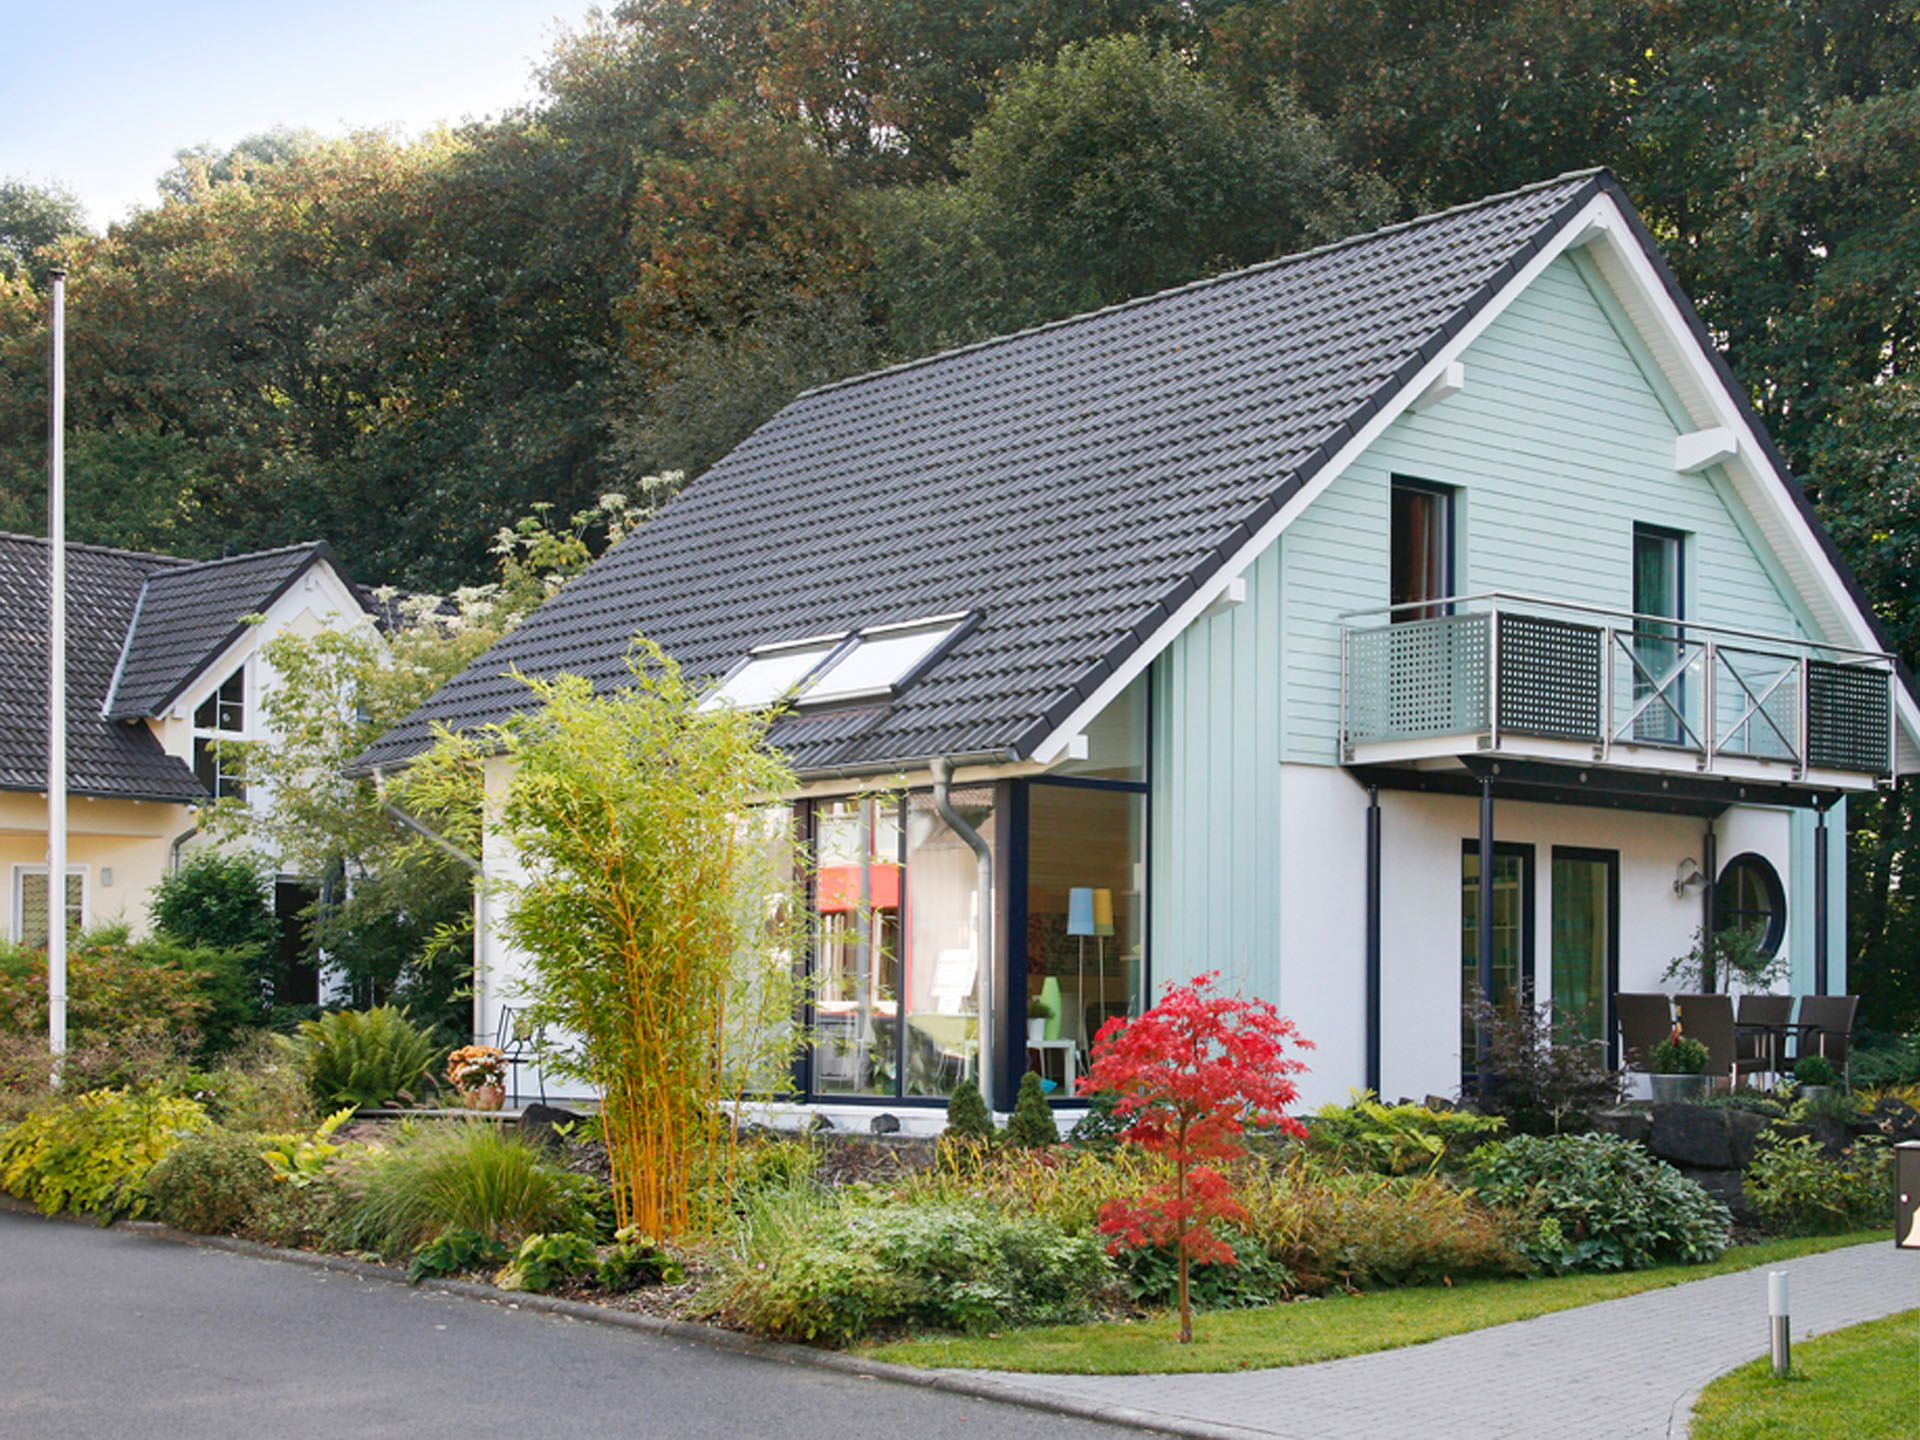 Musterhauspark Danhaus ...